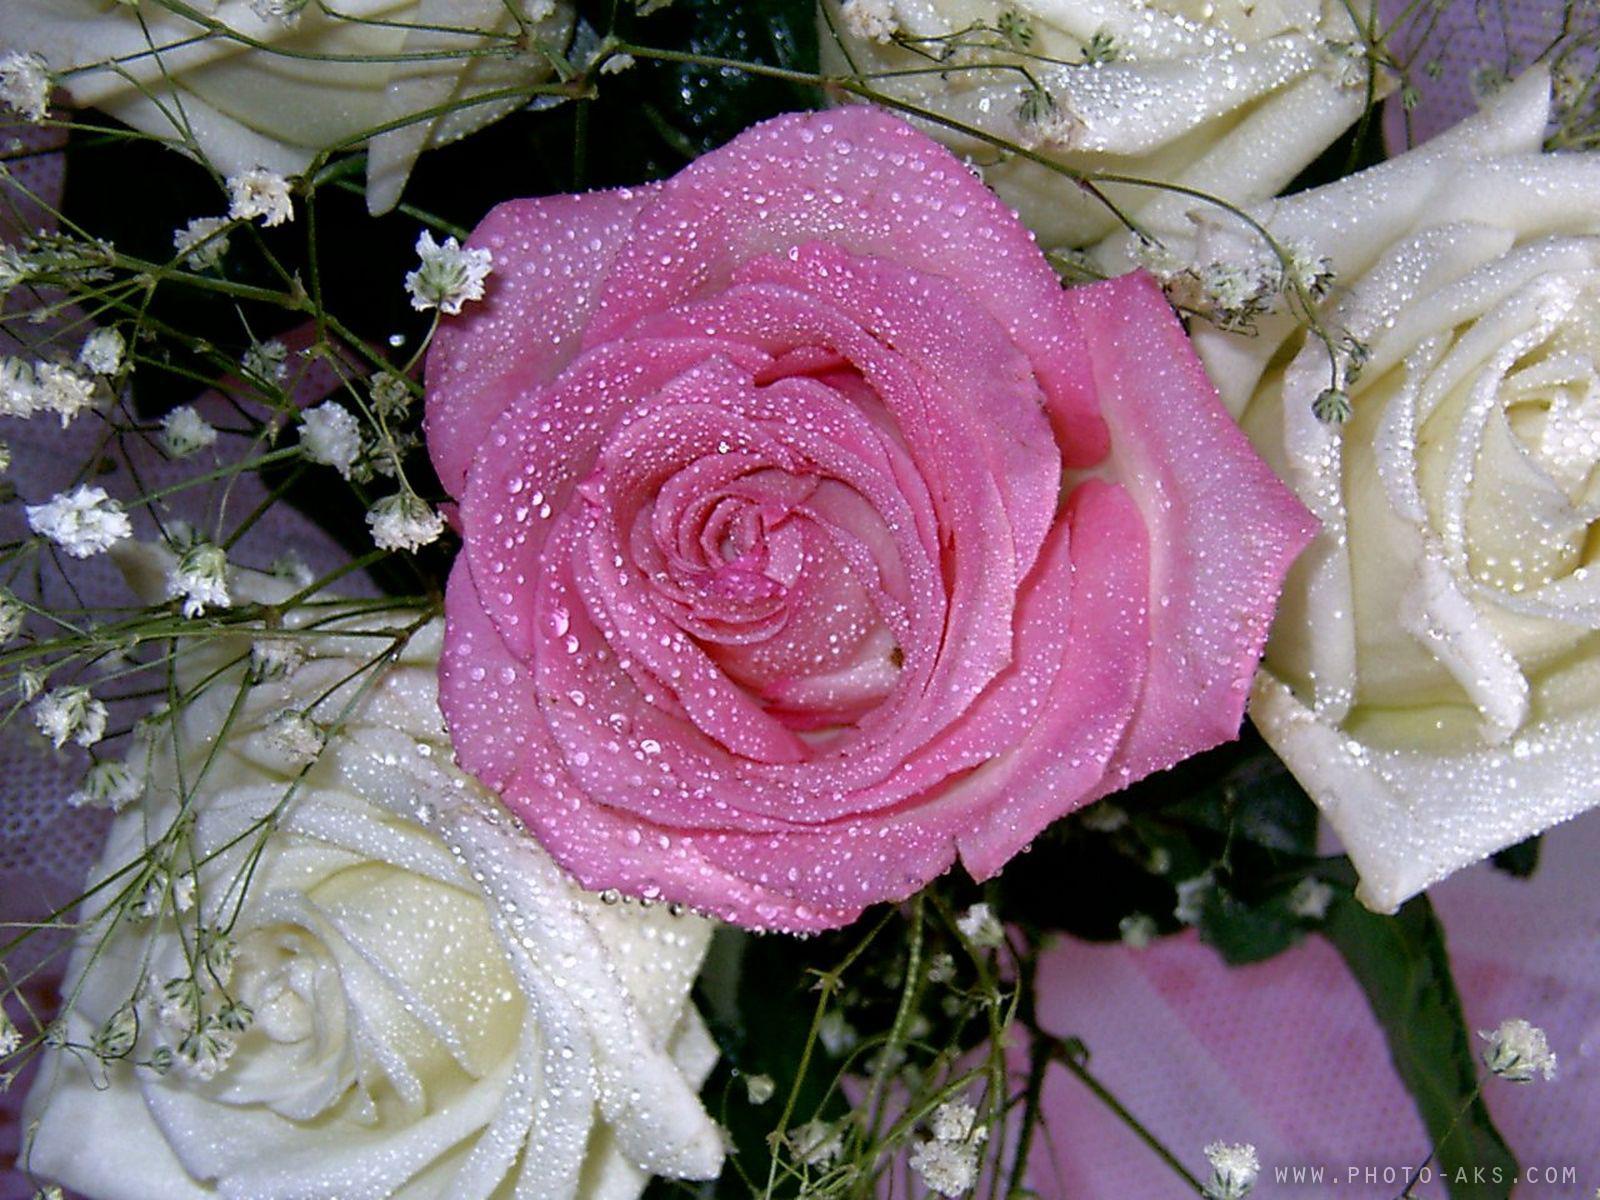 عکس متحرک گل و دسته گلهای زیبا